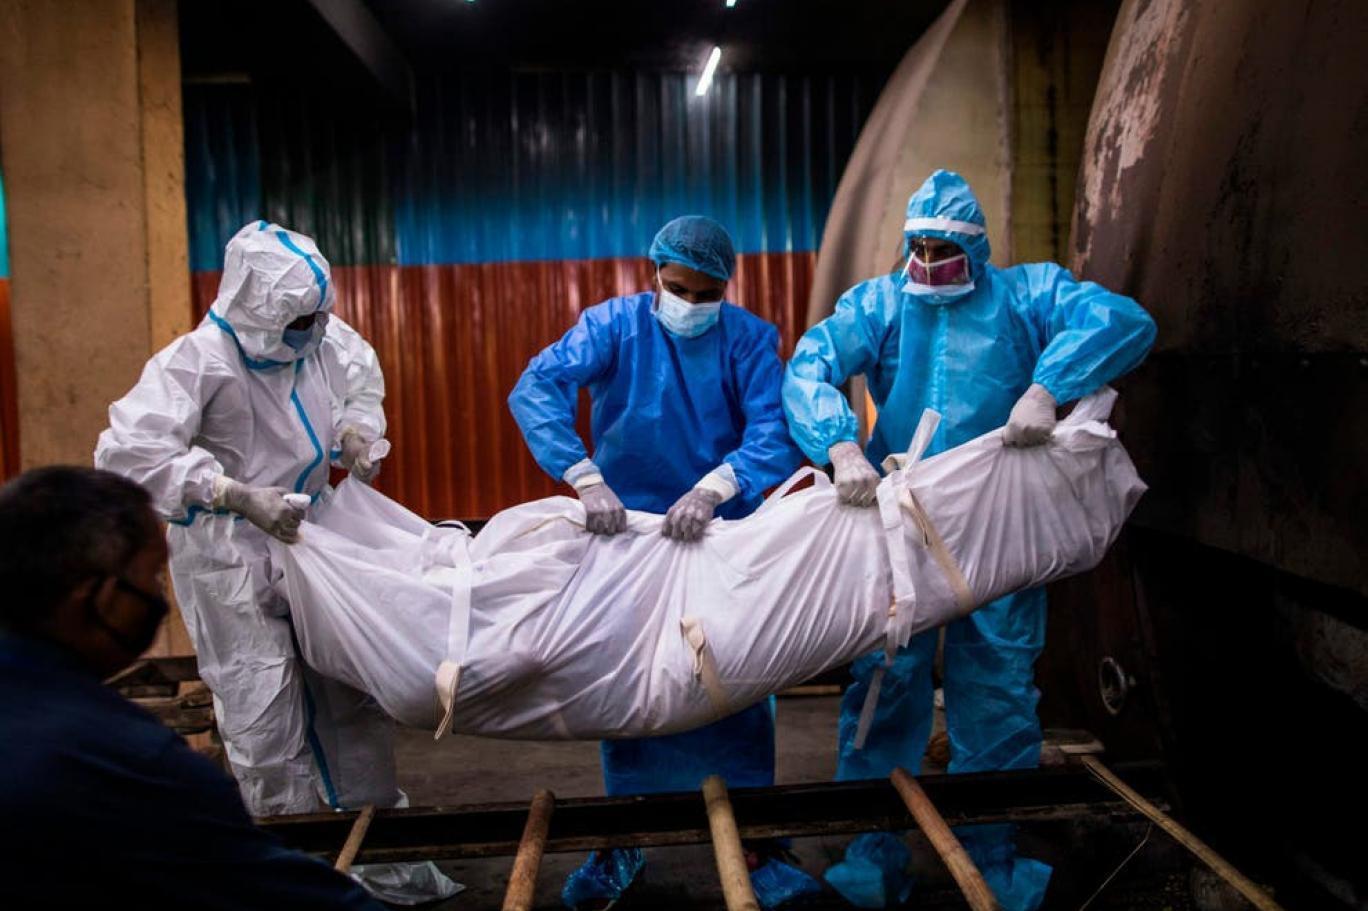 الهند: 3890 حالة وفاة جديدة بكورونا خلال 24 ساعة